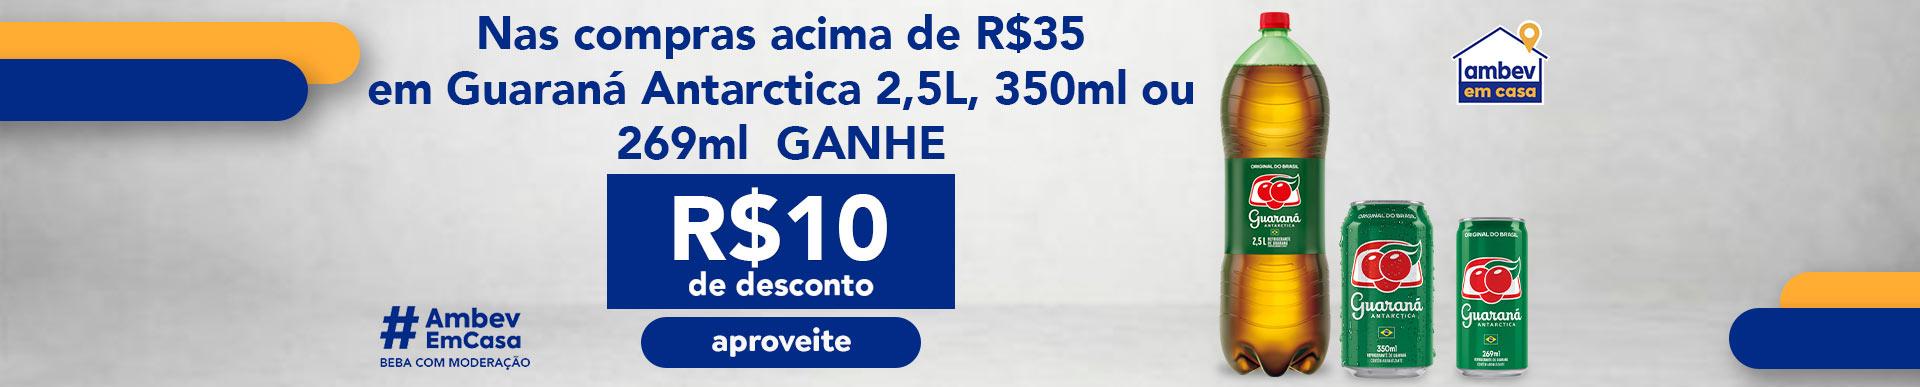 Trade_2021-05-10a05-16_perene_ambev_guarana-compre35-ganhe10